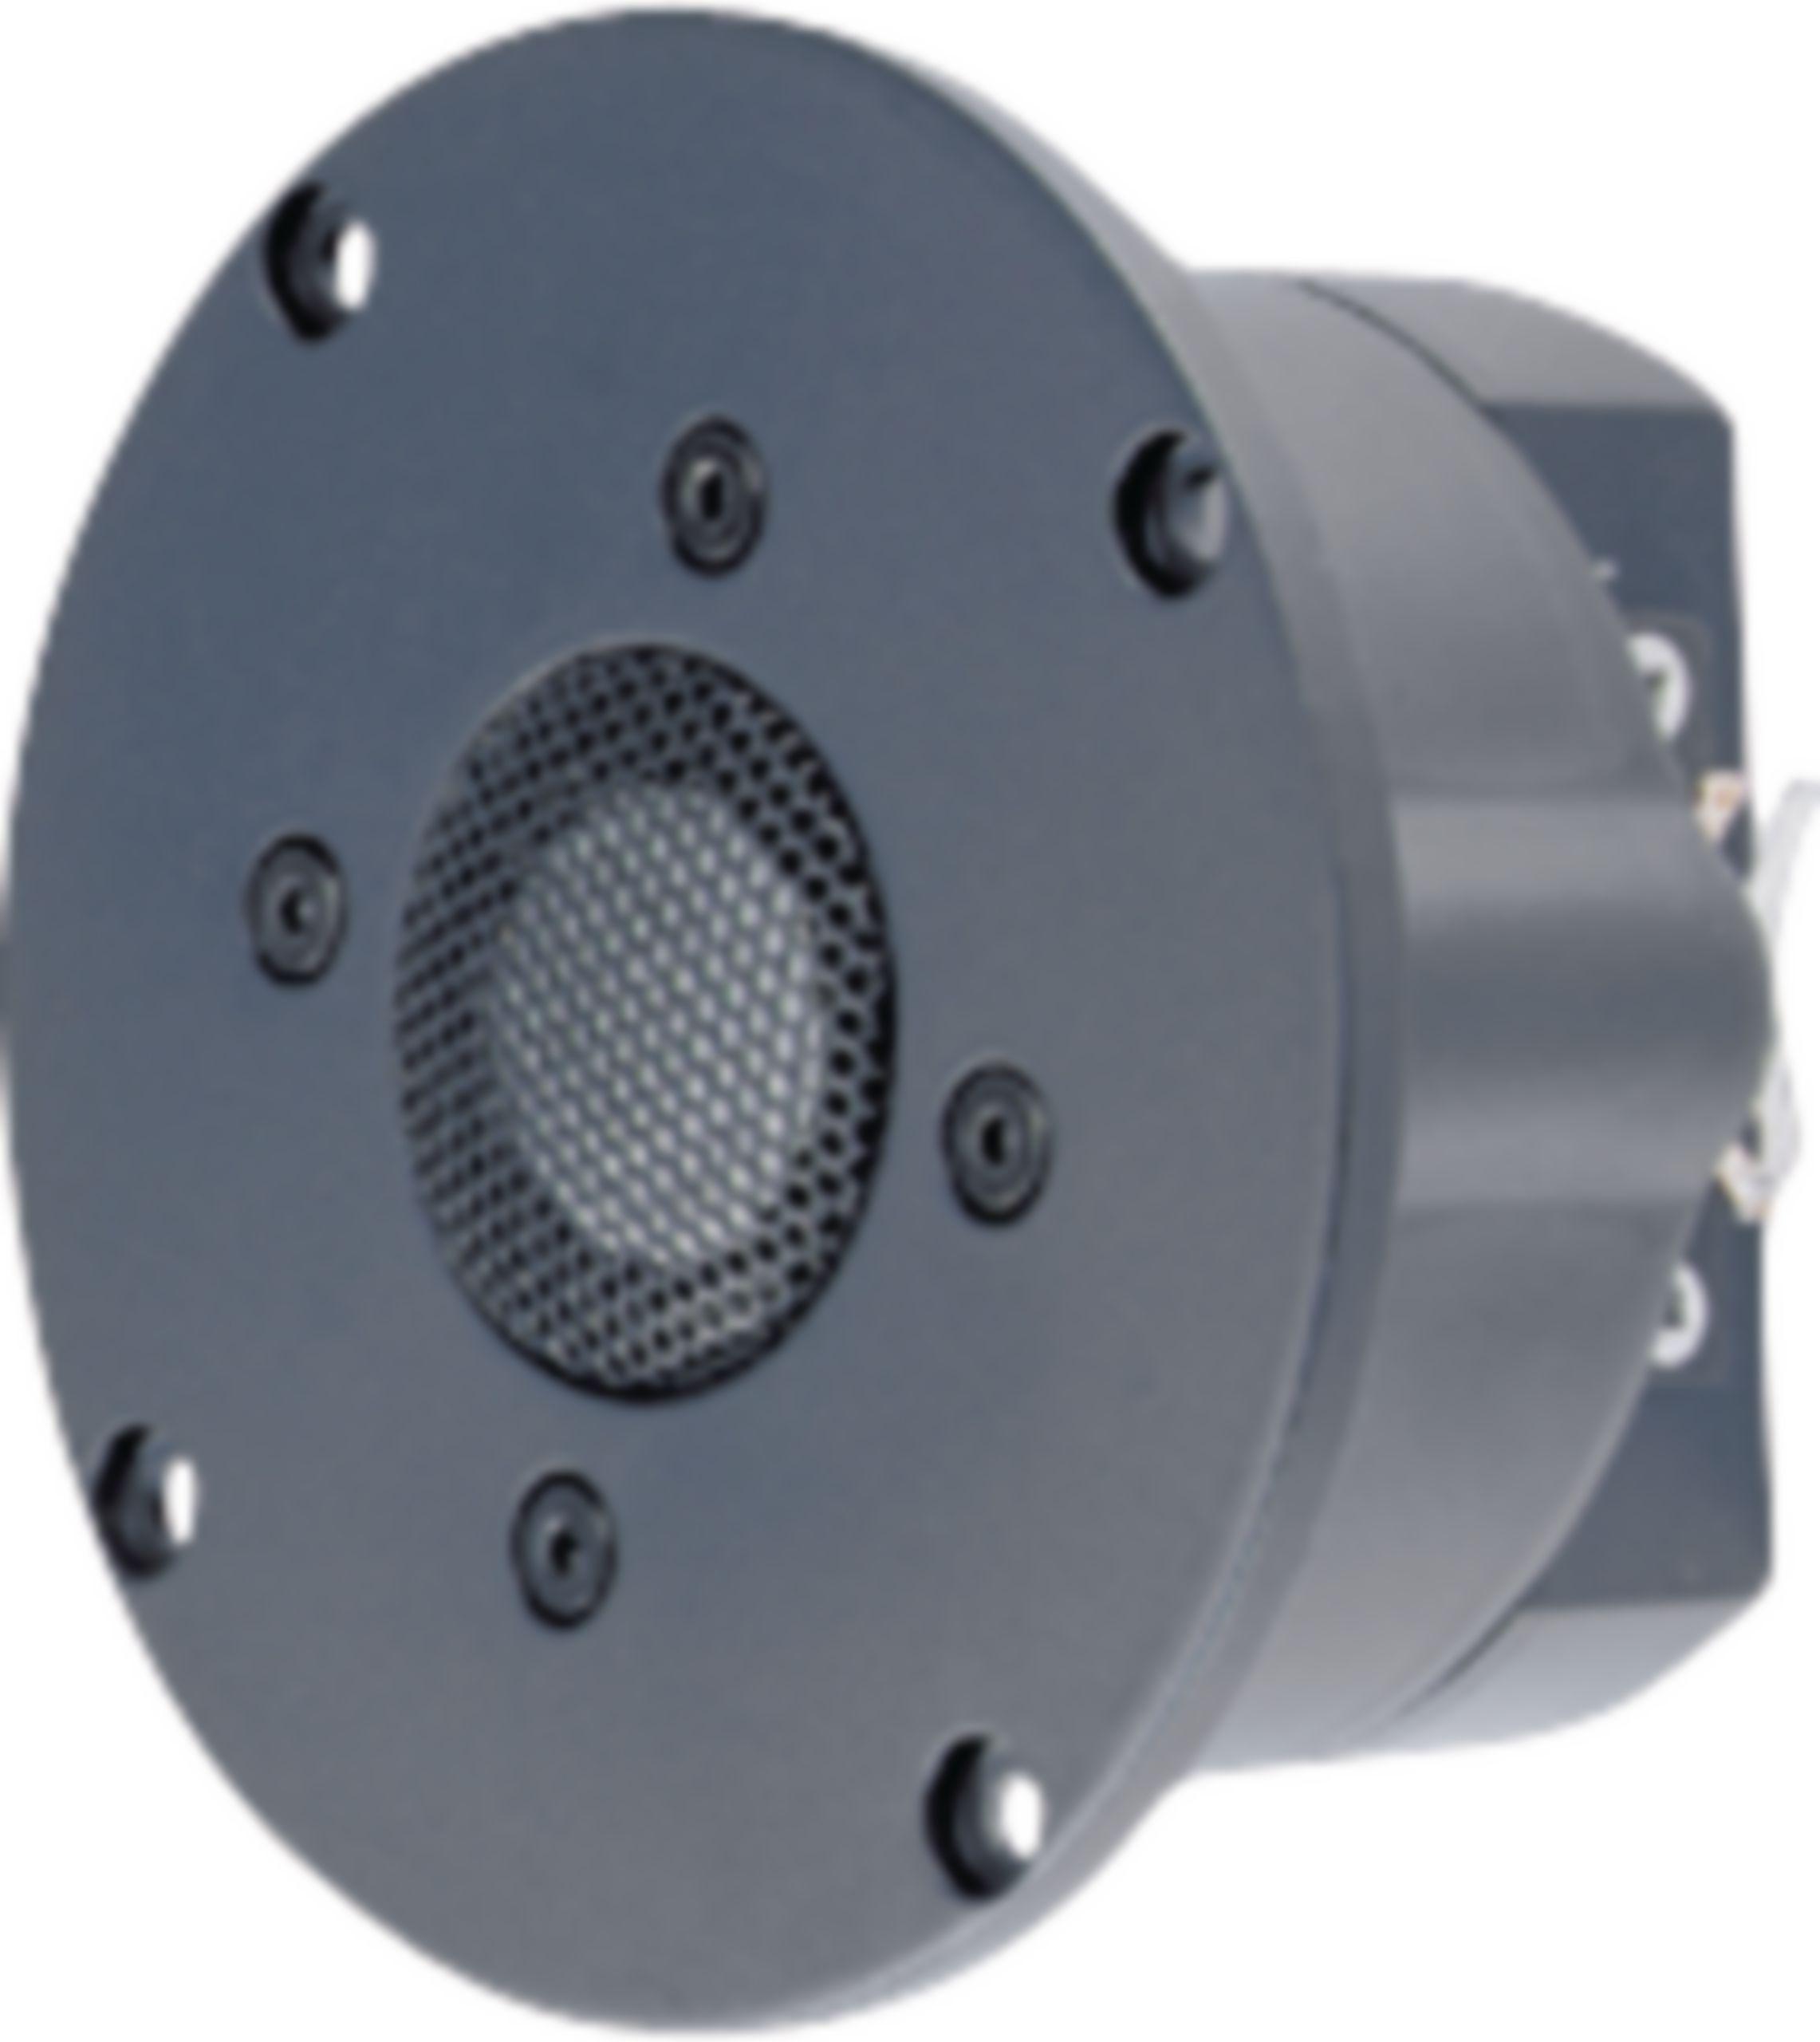 """Výškový reproduktor 2.5 cm (1"""") 8 Ohm 140 W Visaton, VS-KE25SC"""